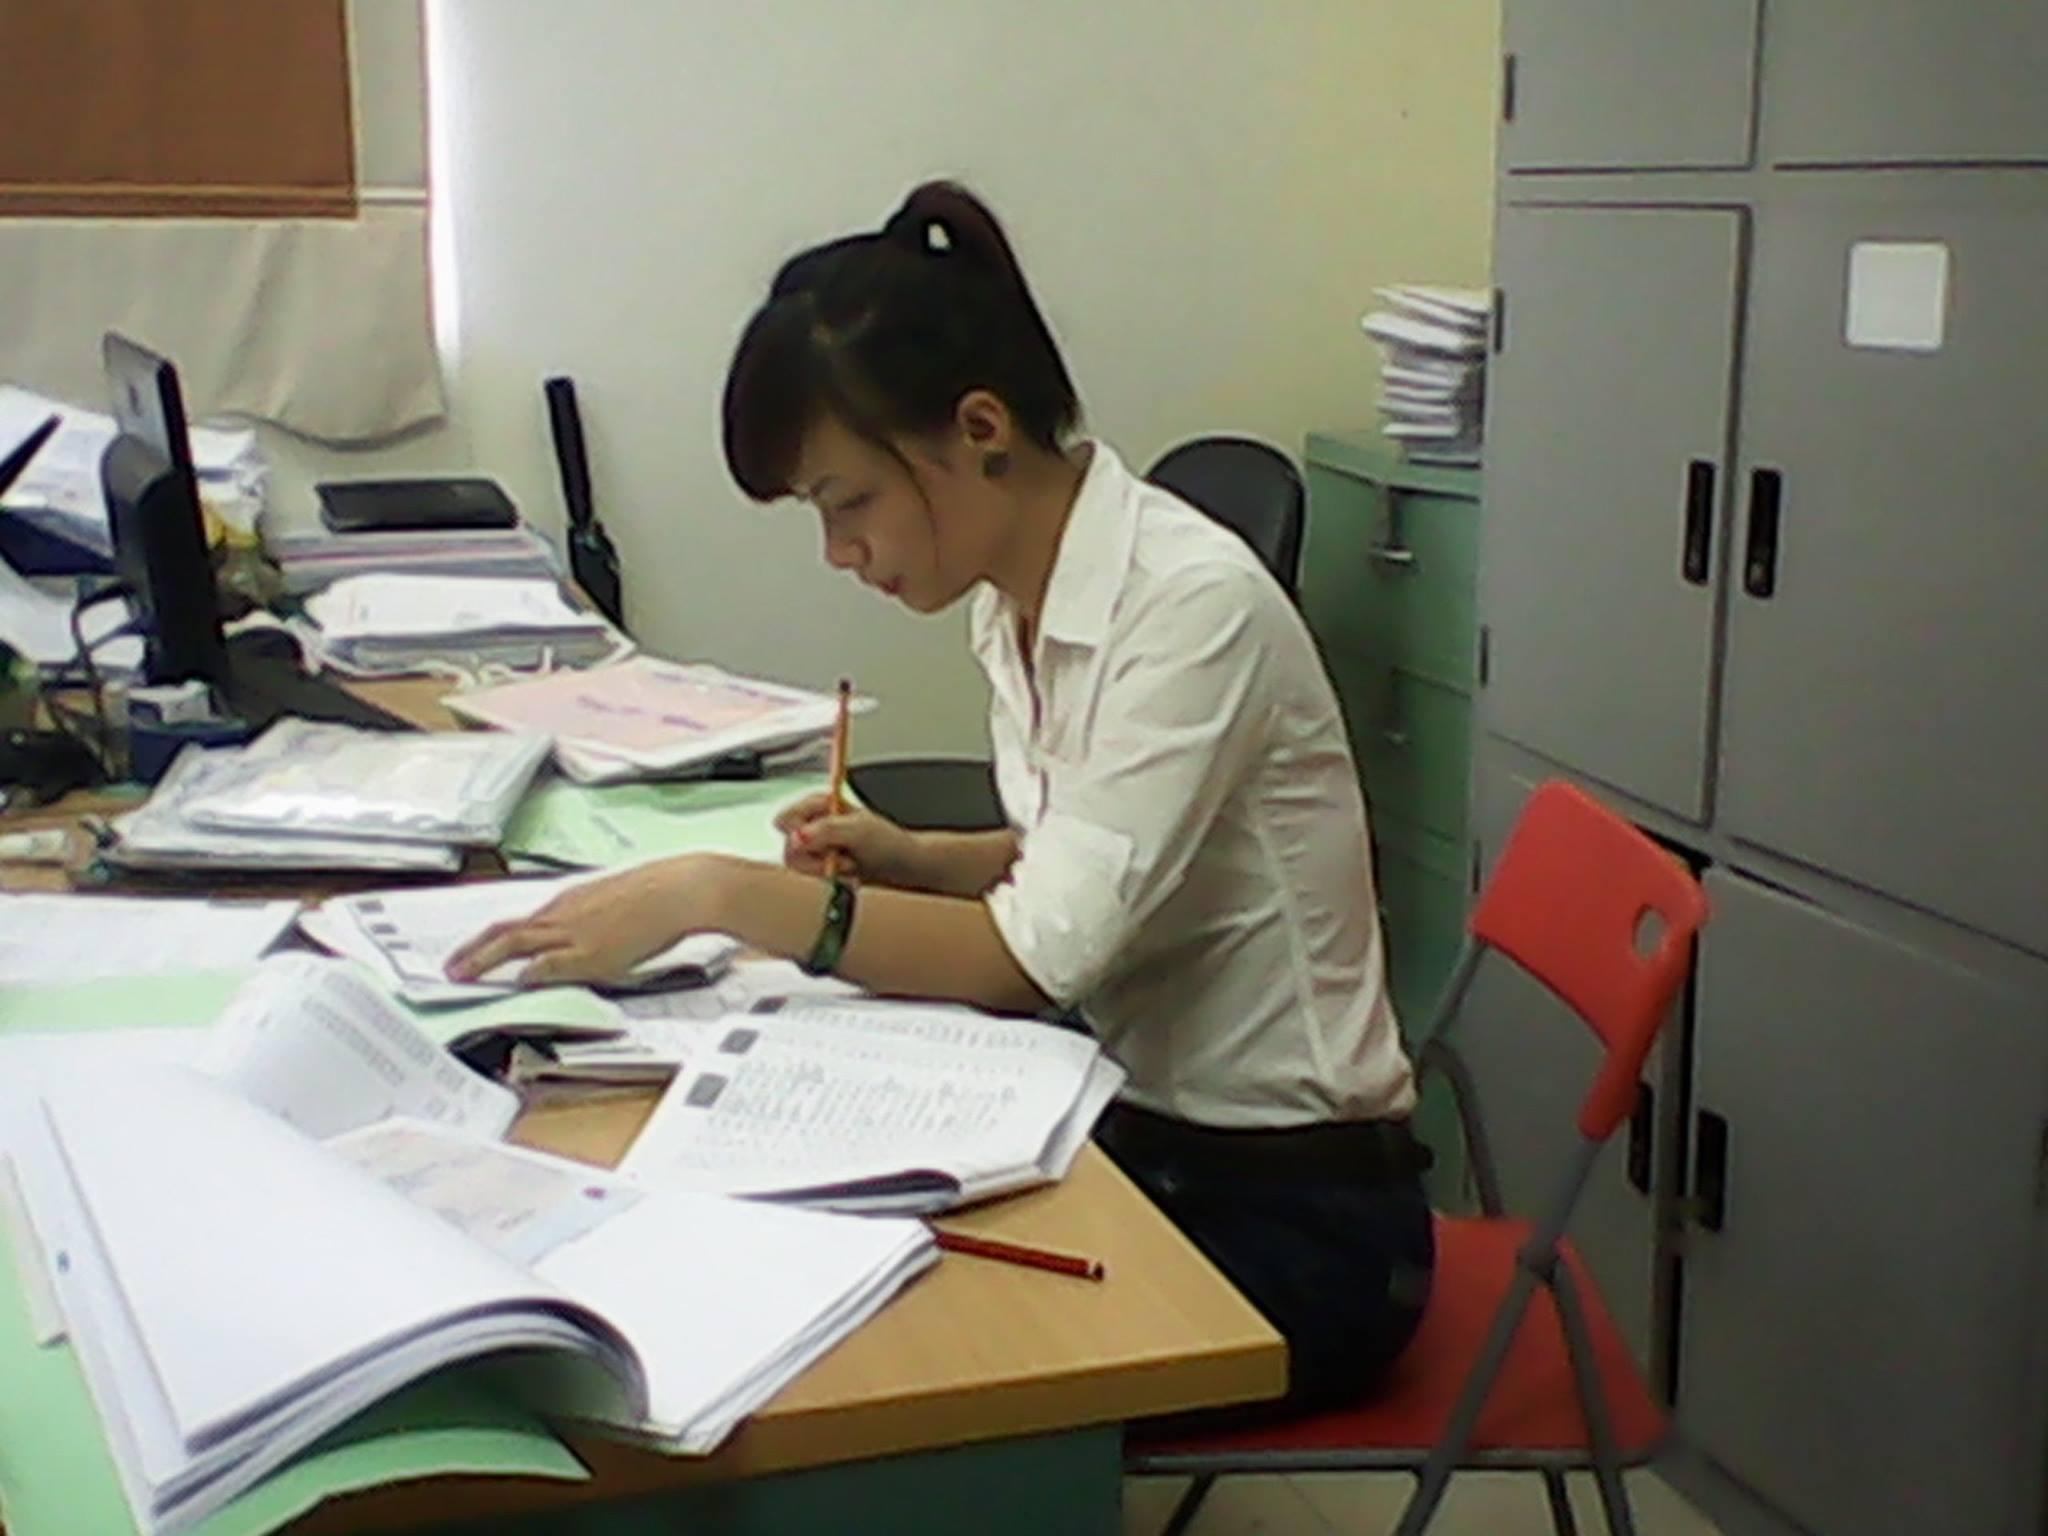 Dịch vụ kế toán với chất lượng và hiệu quả cao nhất